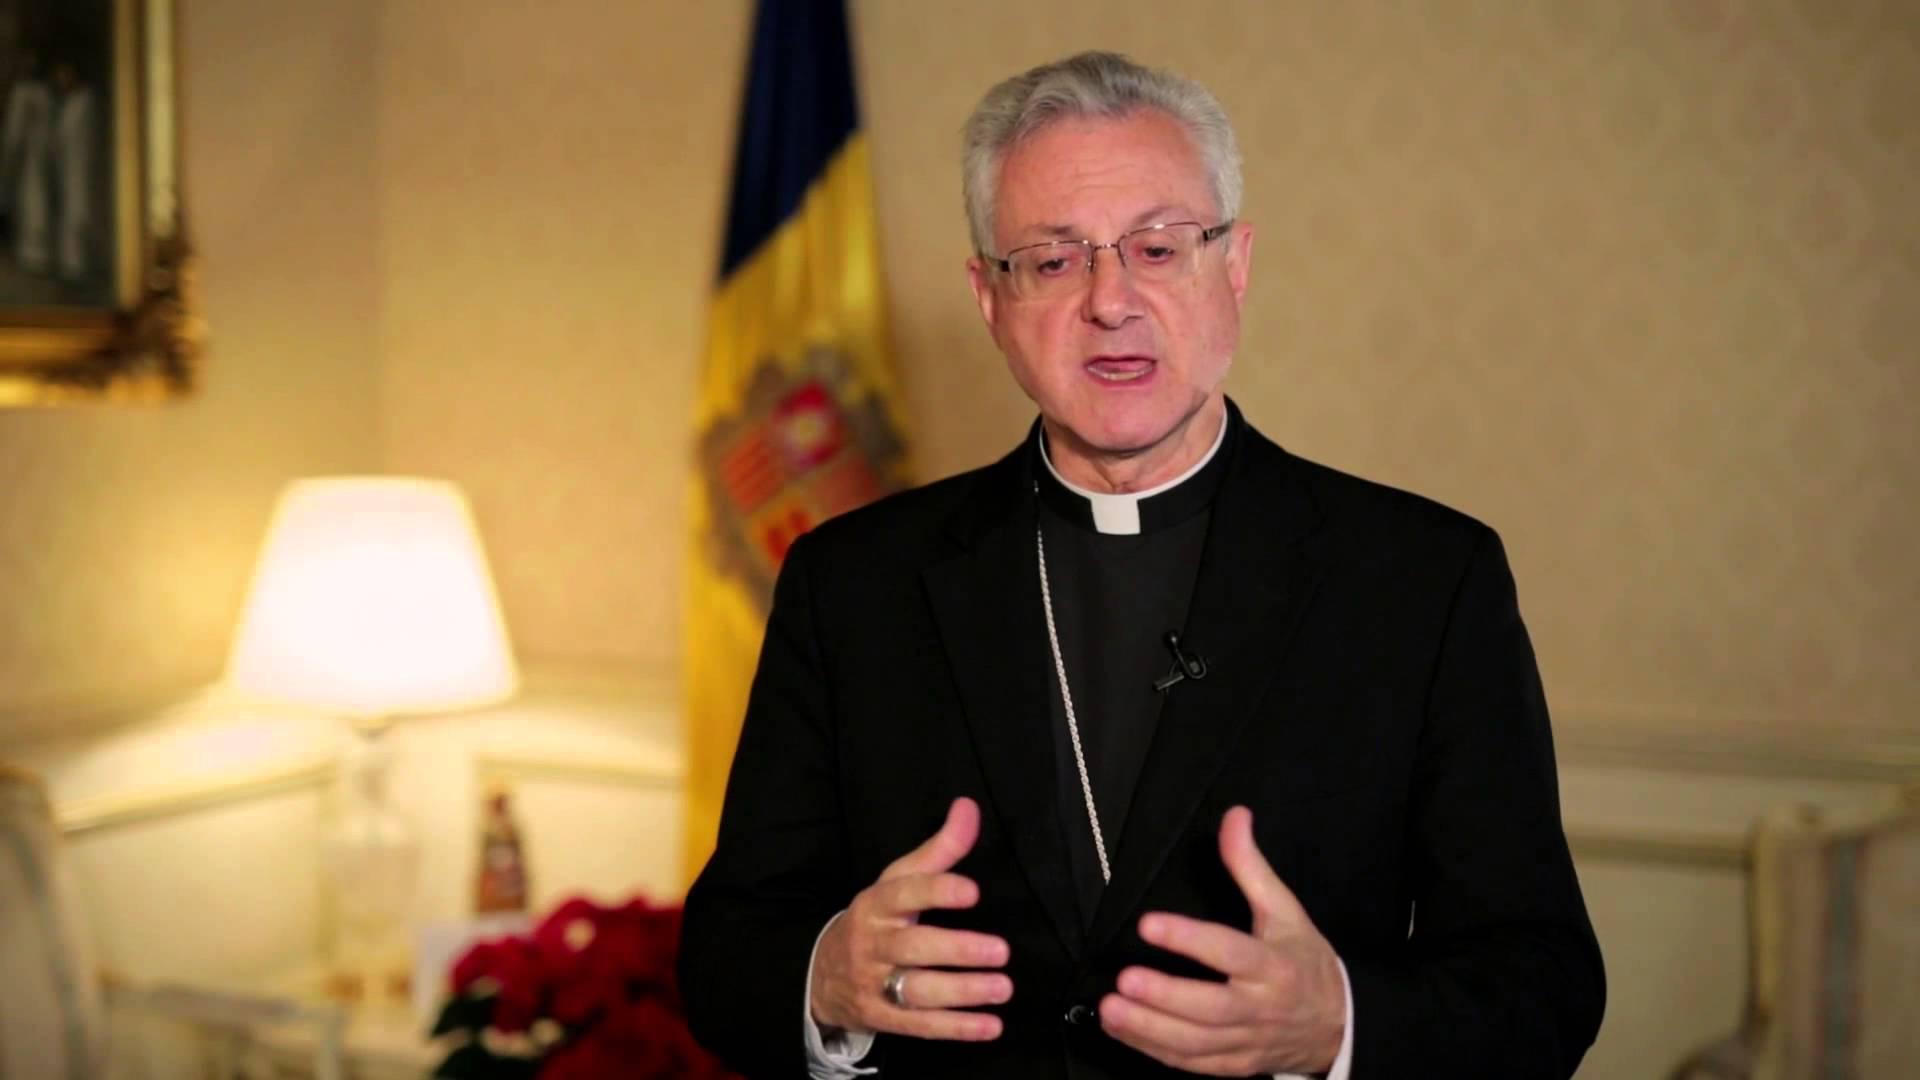 Joan-Enric Vives, copríncipe de Andorra y obispo de la Seu d'Urgell